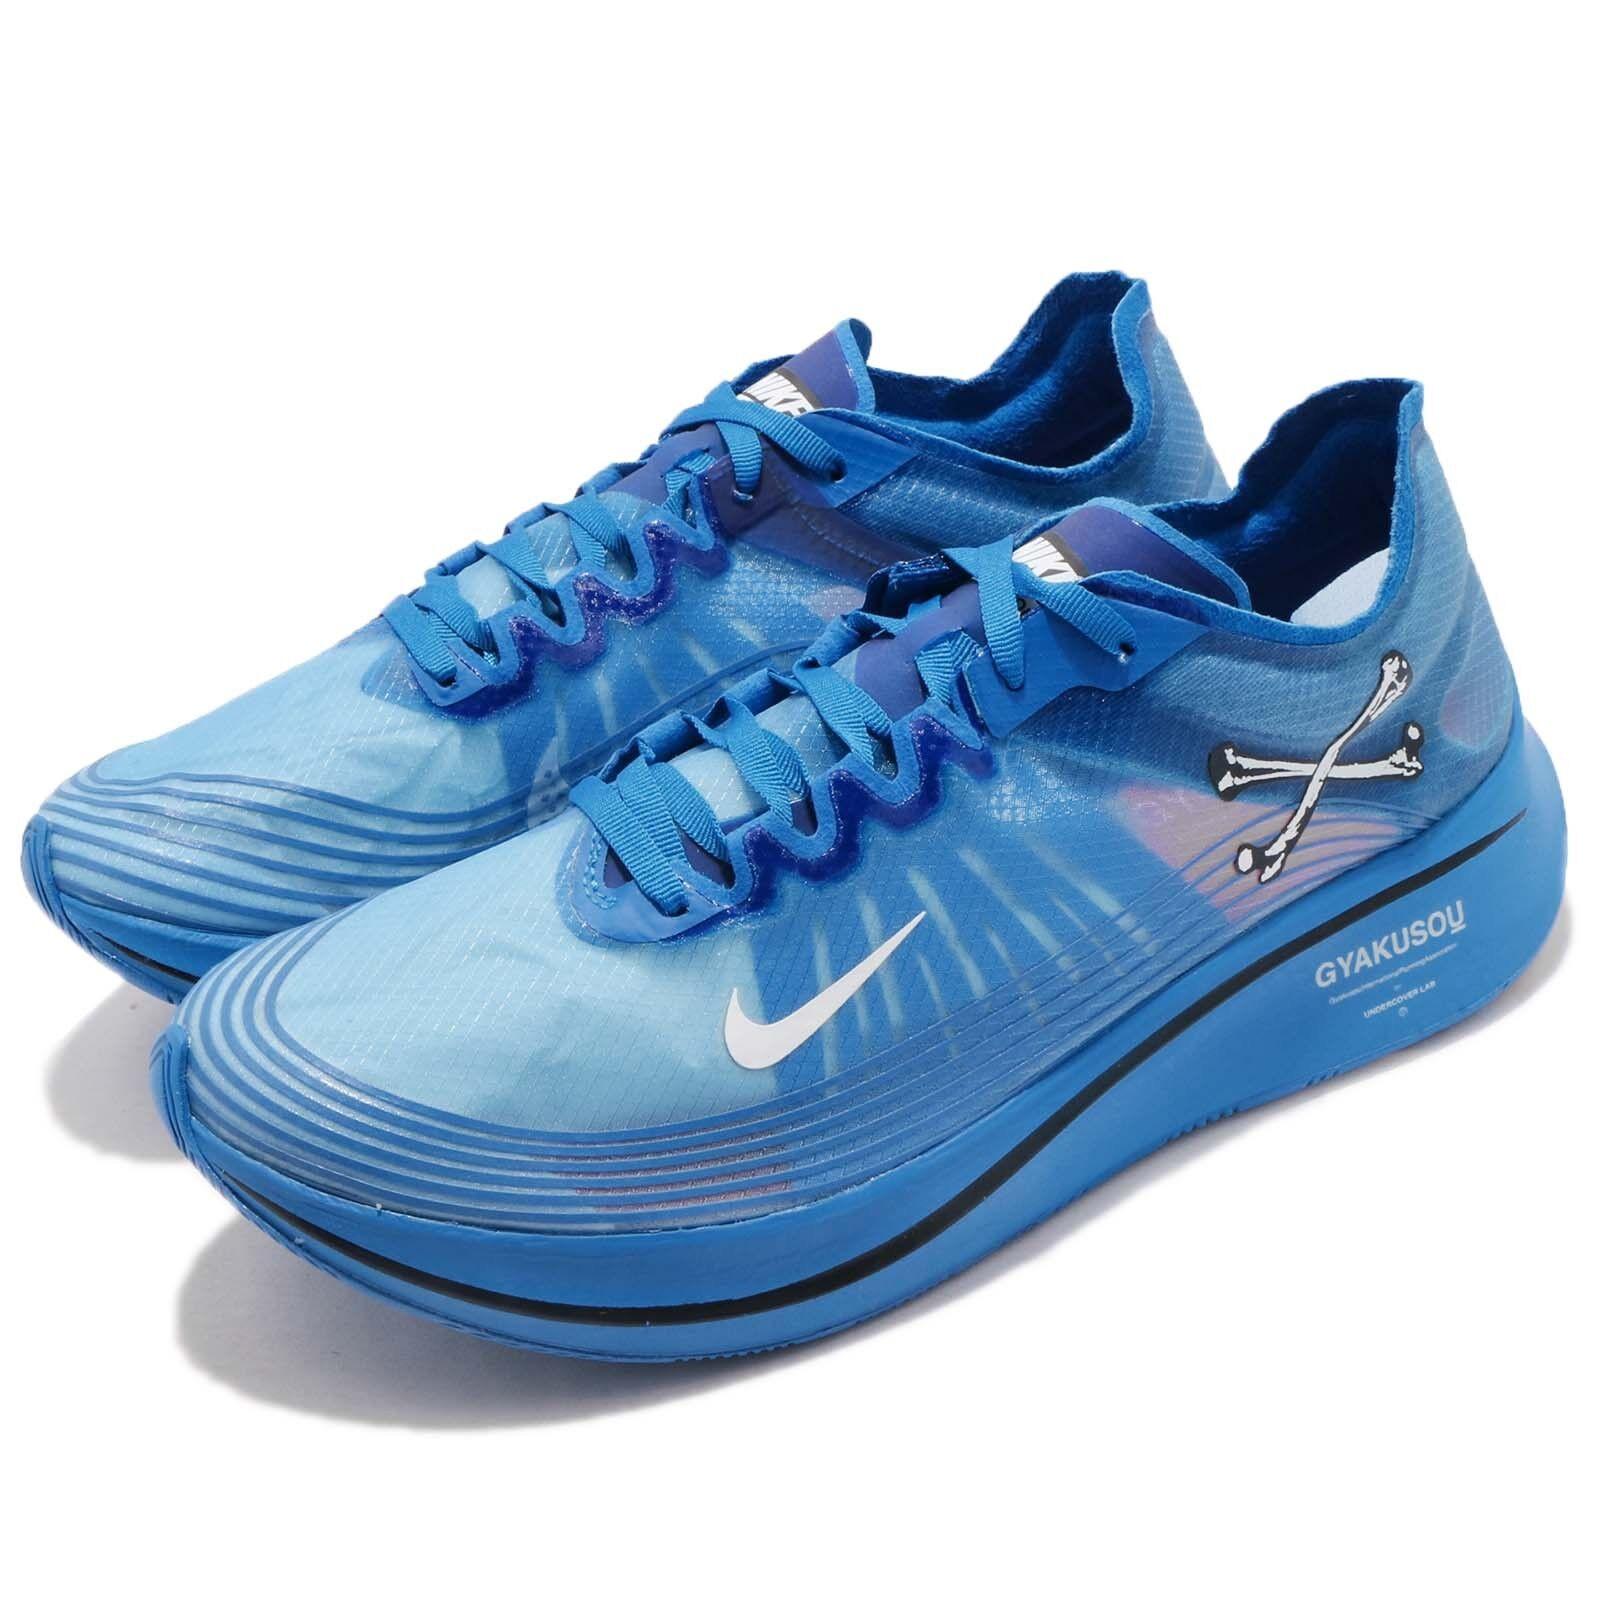 Undercover NikeLab NikeLab NikeLab Nike Zoom Fly SP GYAKUSOU Jun Takahashi Running Shoes Pick 1 1c68de